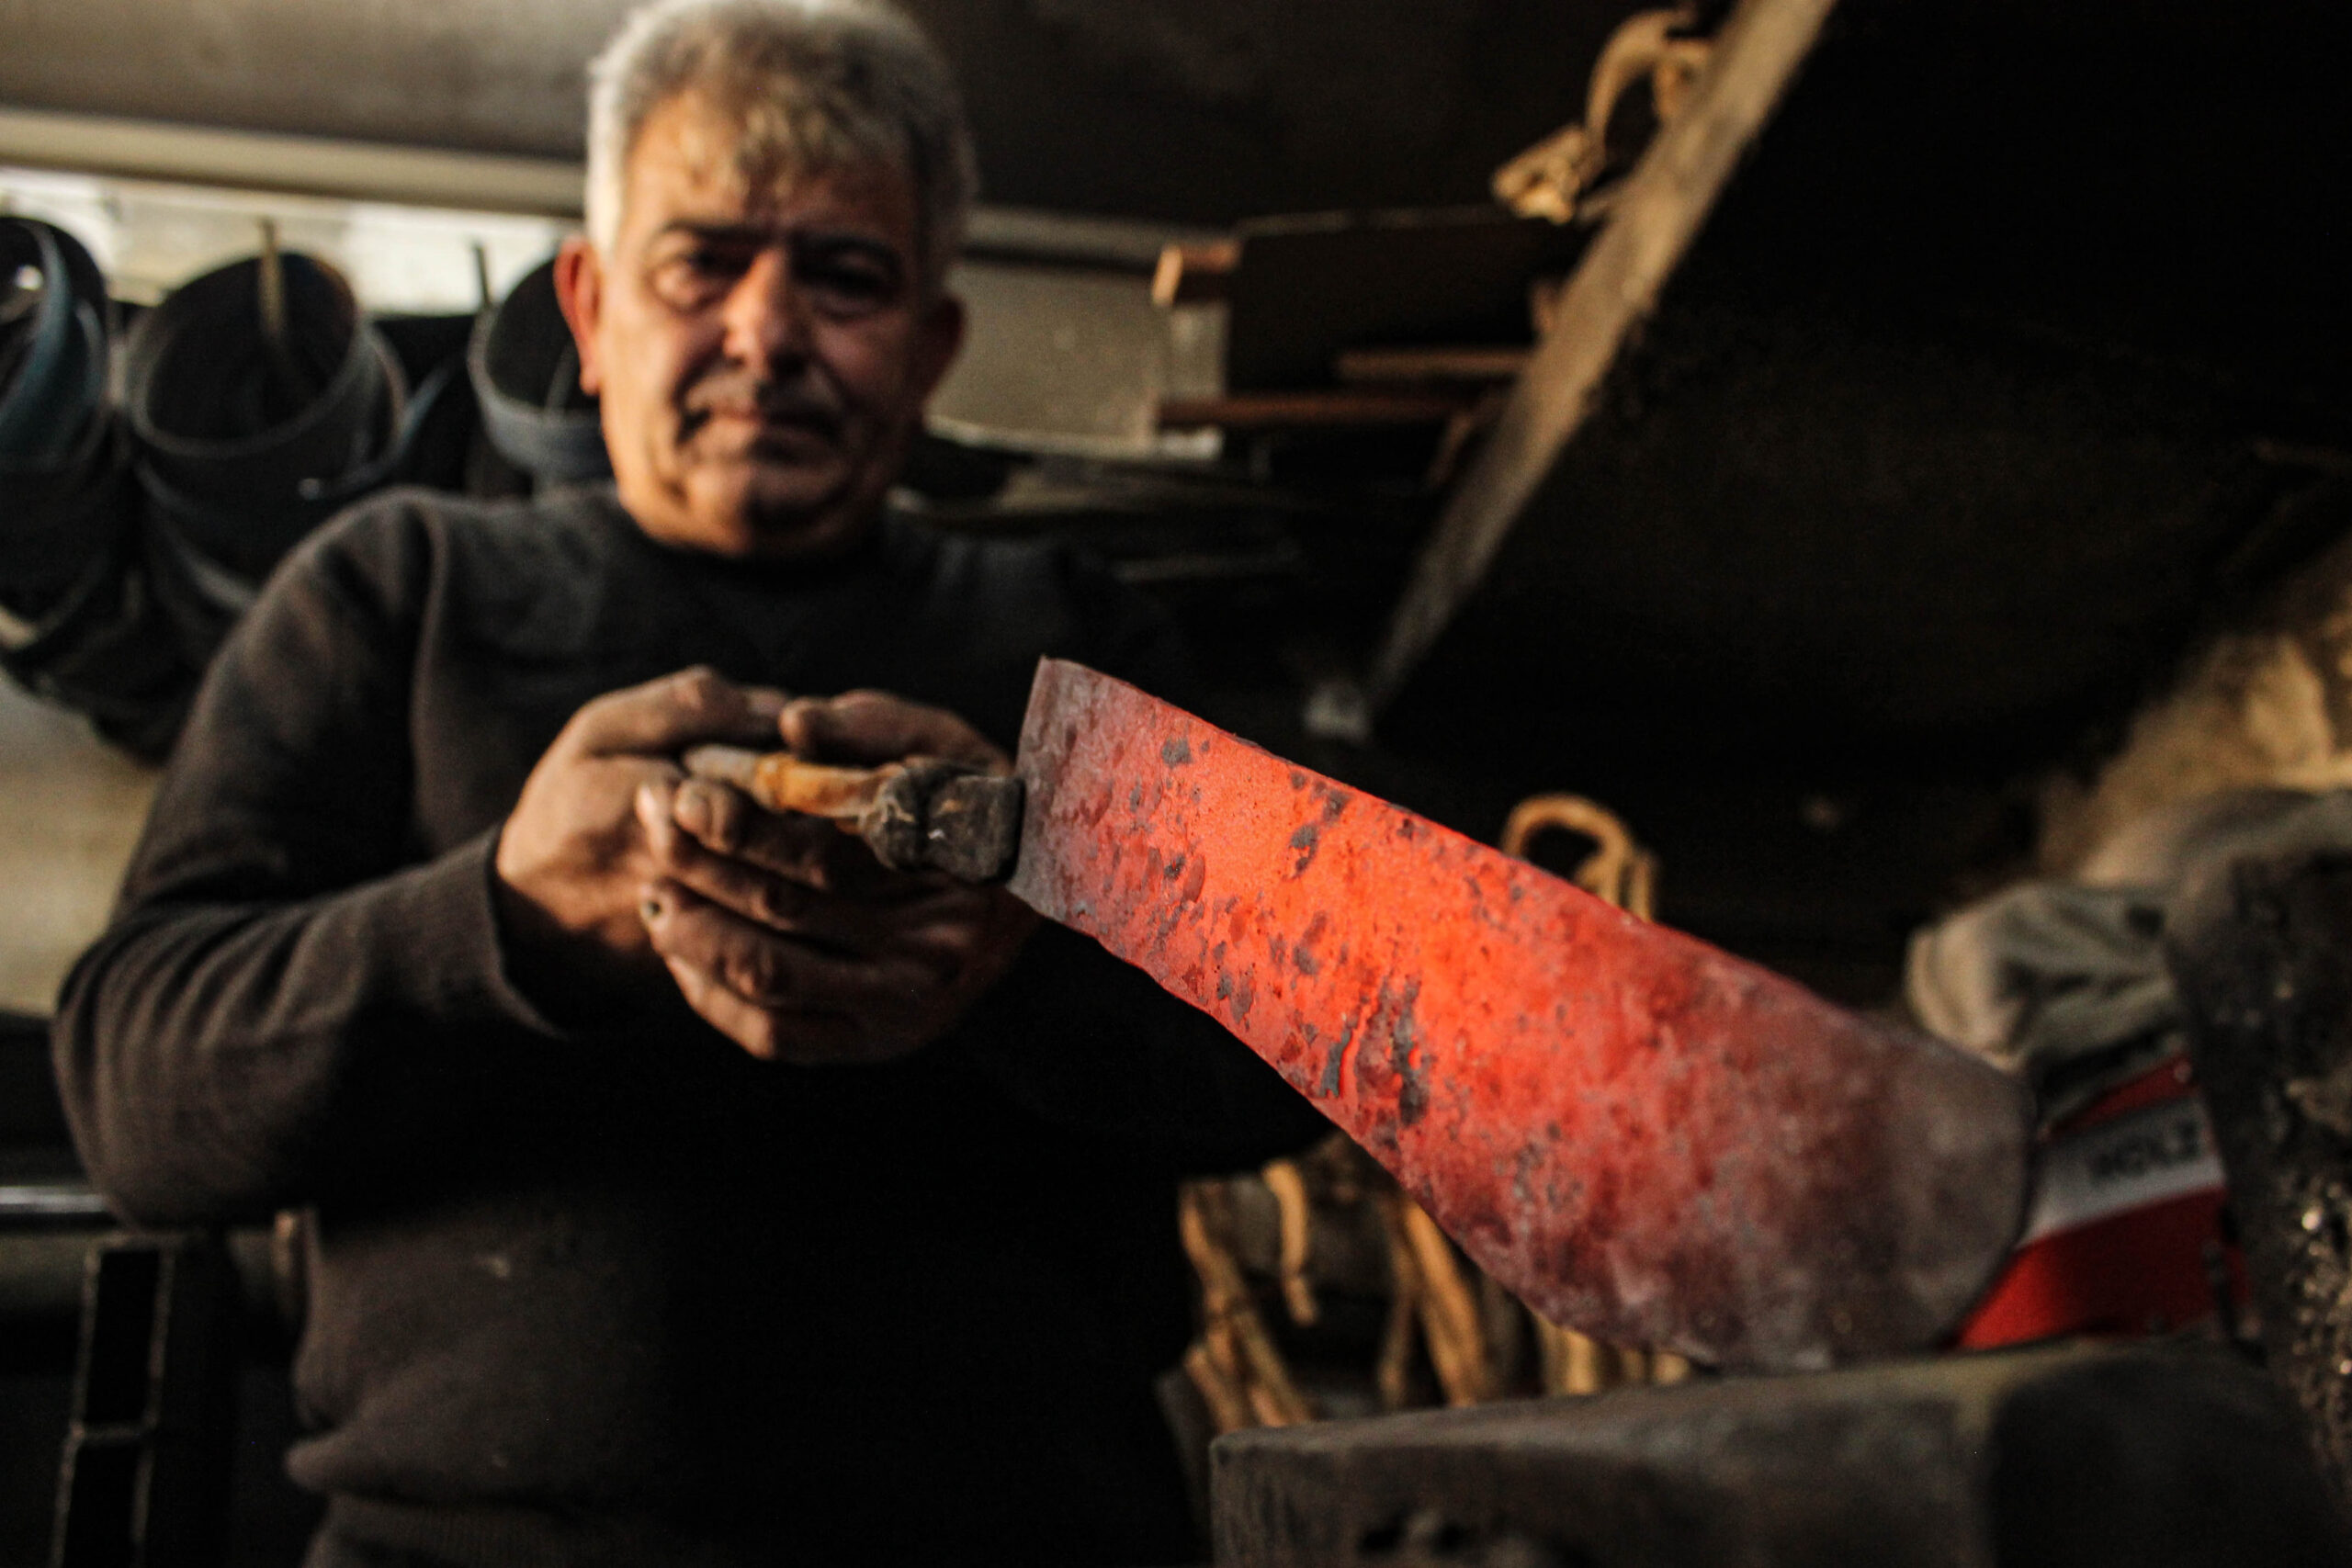 Ο Αρμένης – Παραδοσιακό Μαχαιροποιείο